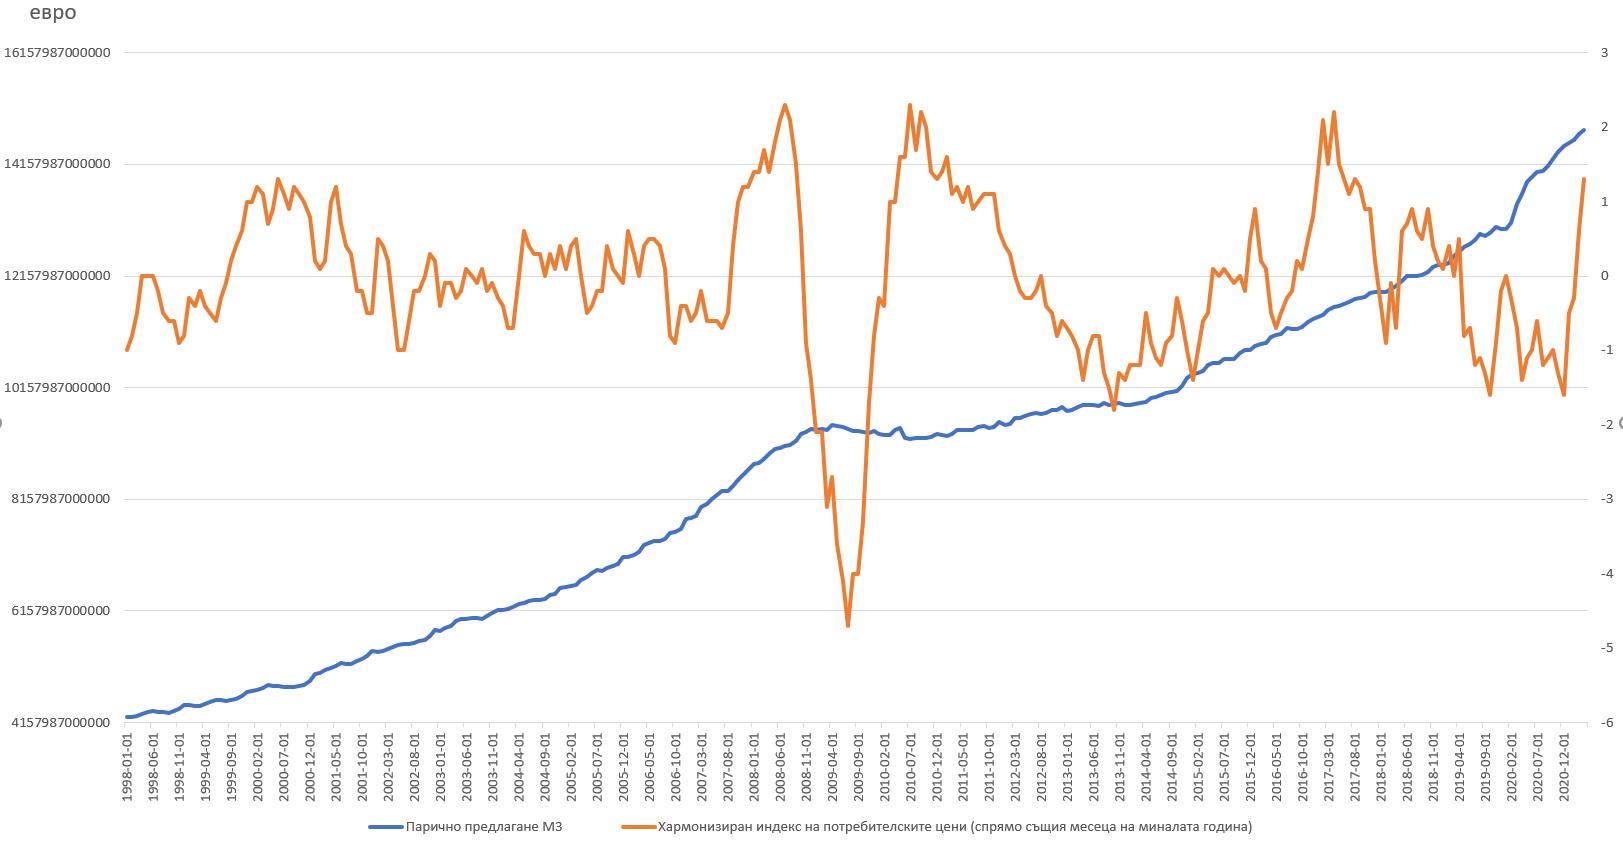 хармонизиран индекс на потребителските цени и парично предлагане м3 в еврозоната